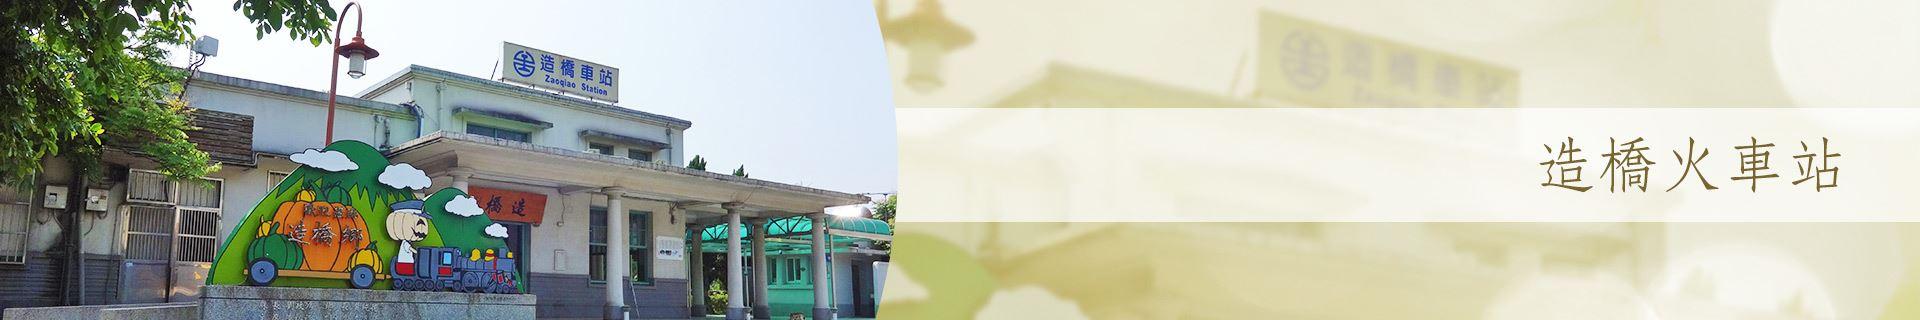 造橋火車站